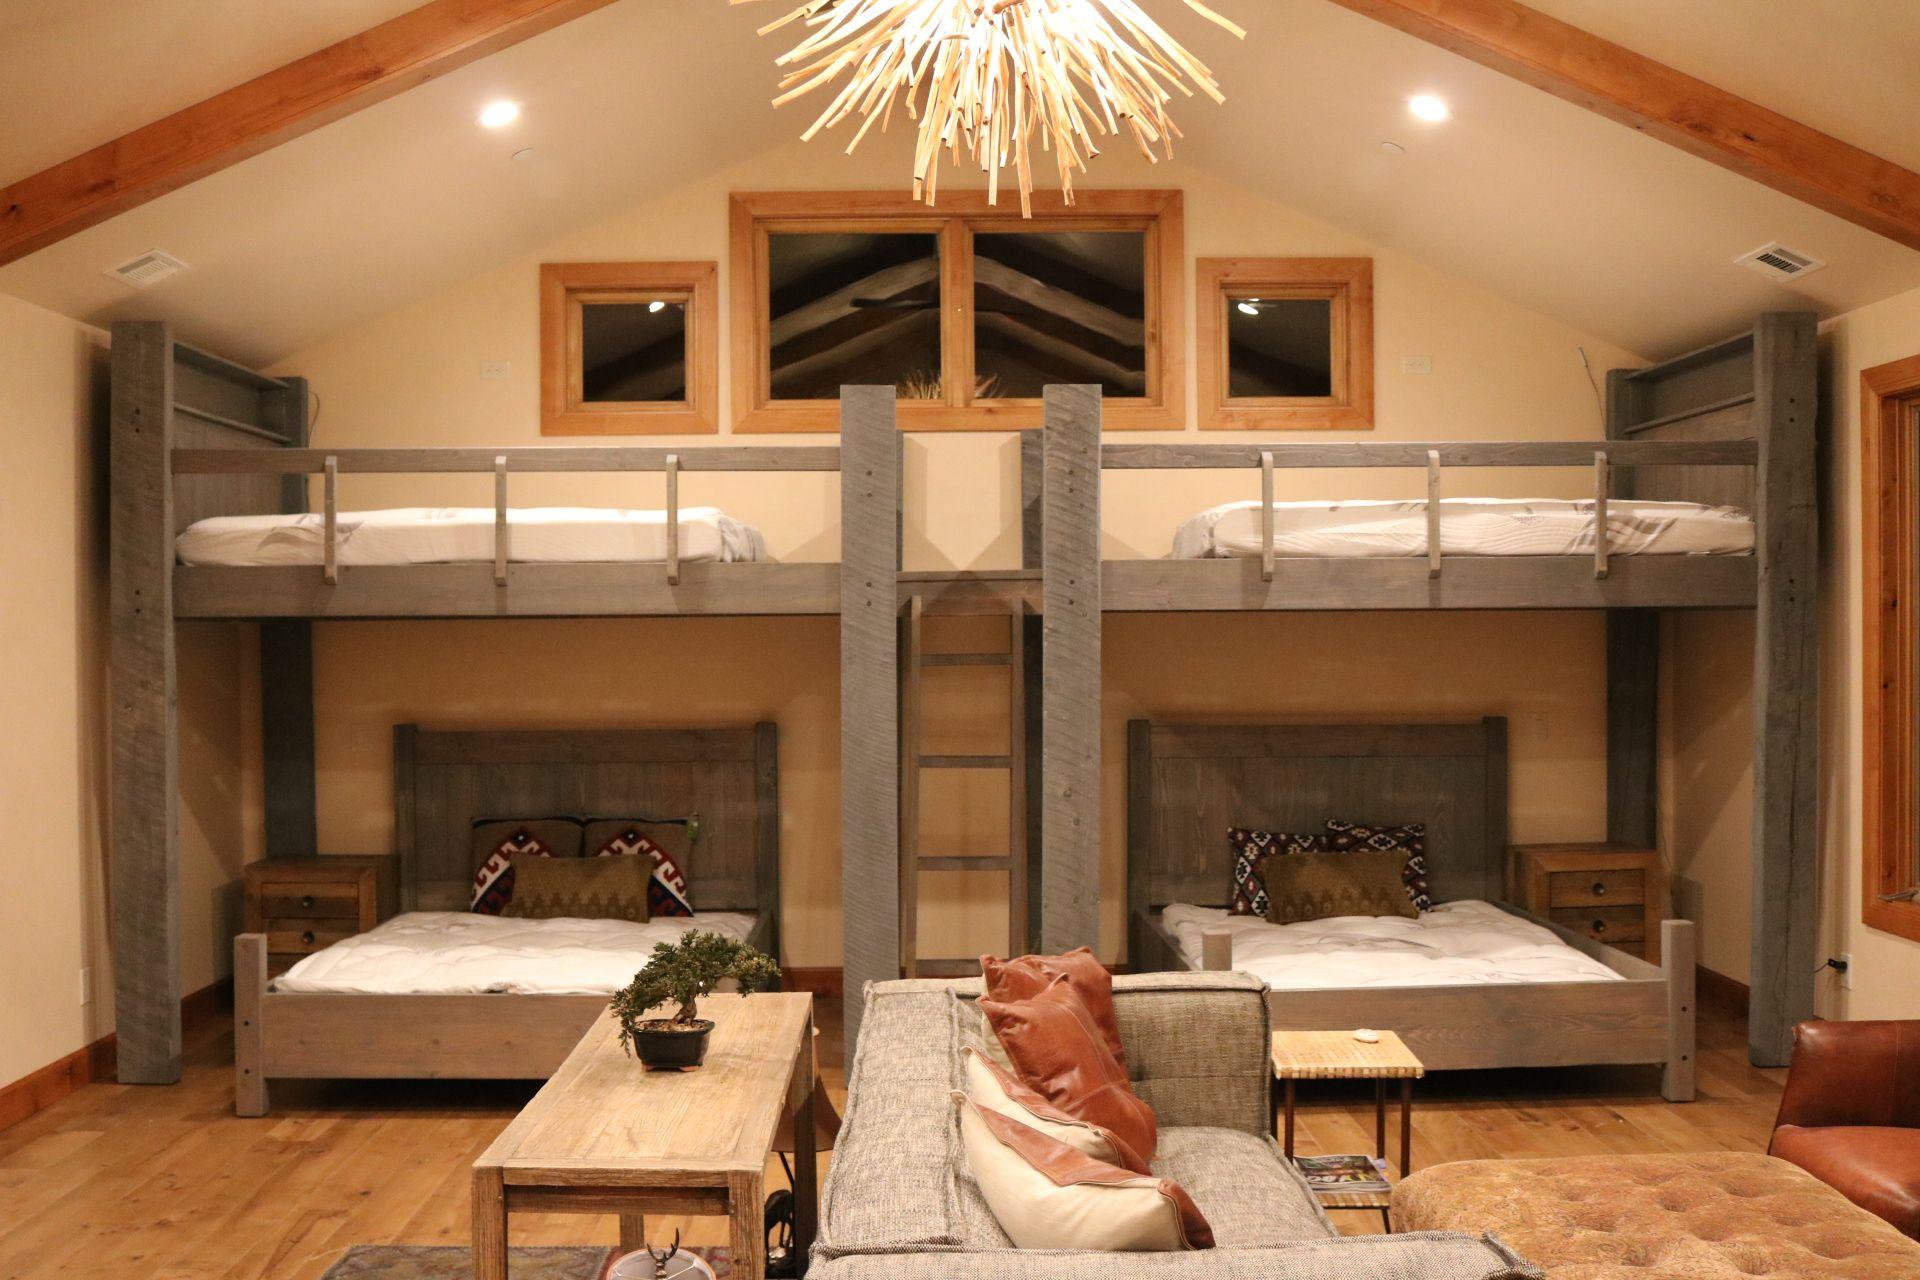 Custom Rustic Bunk Bed room Custom bunk beds, Bunk beds